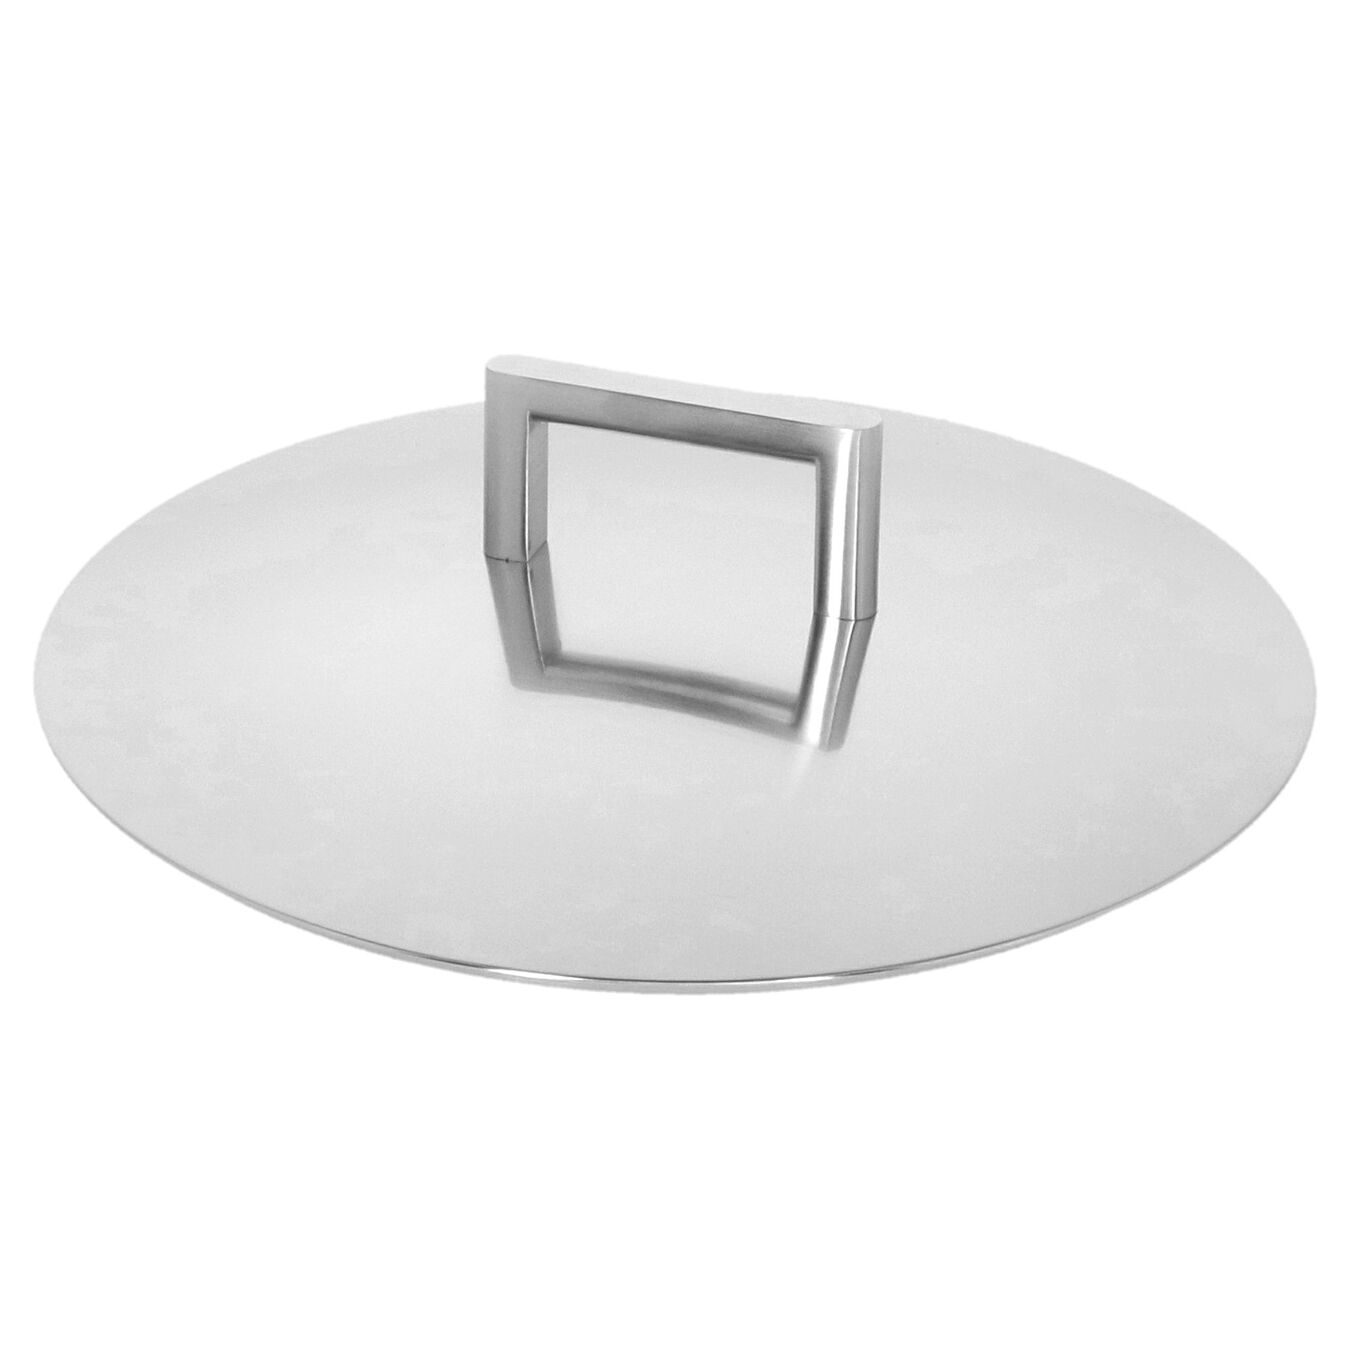 Derin Tencere çift çıdarlı kapak | 18/10 Paslanmaz Çelik | 24 cm,,large 6